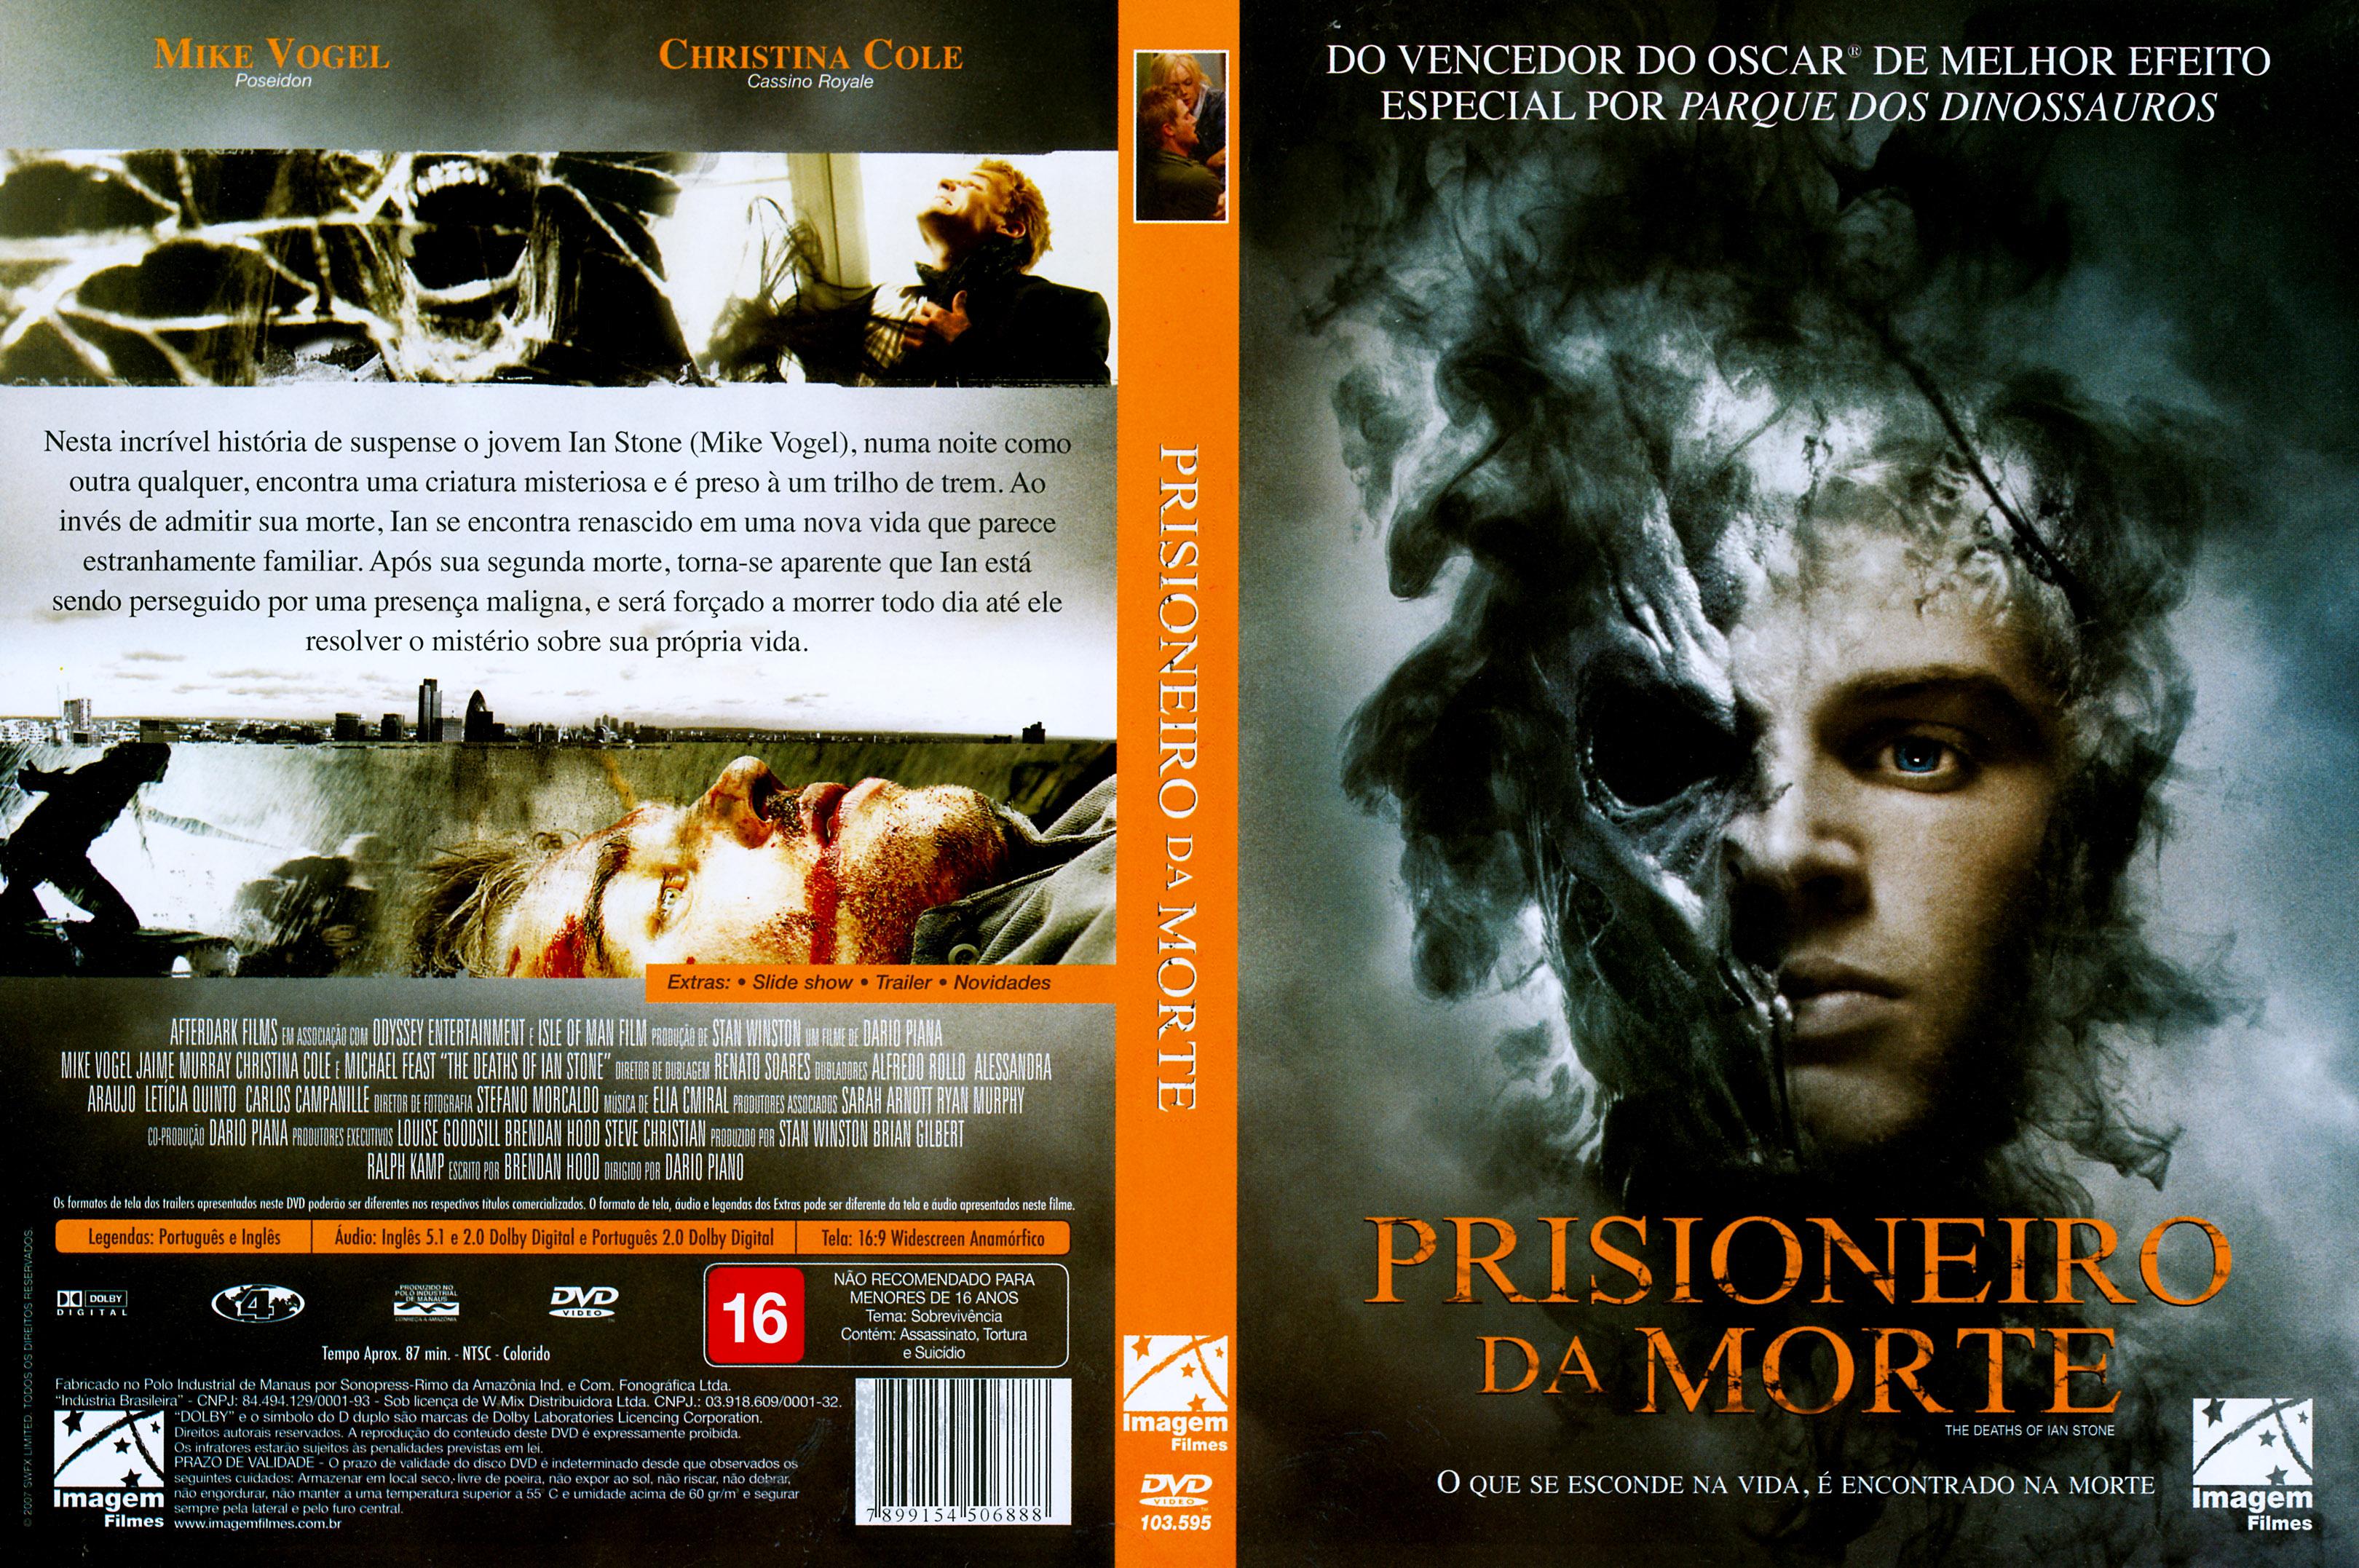 PrisioneirodaMorte